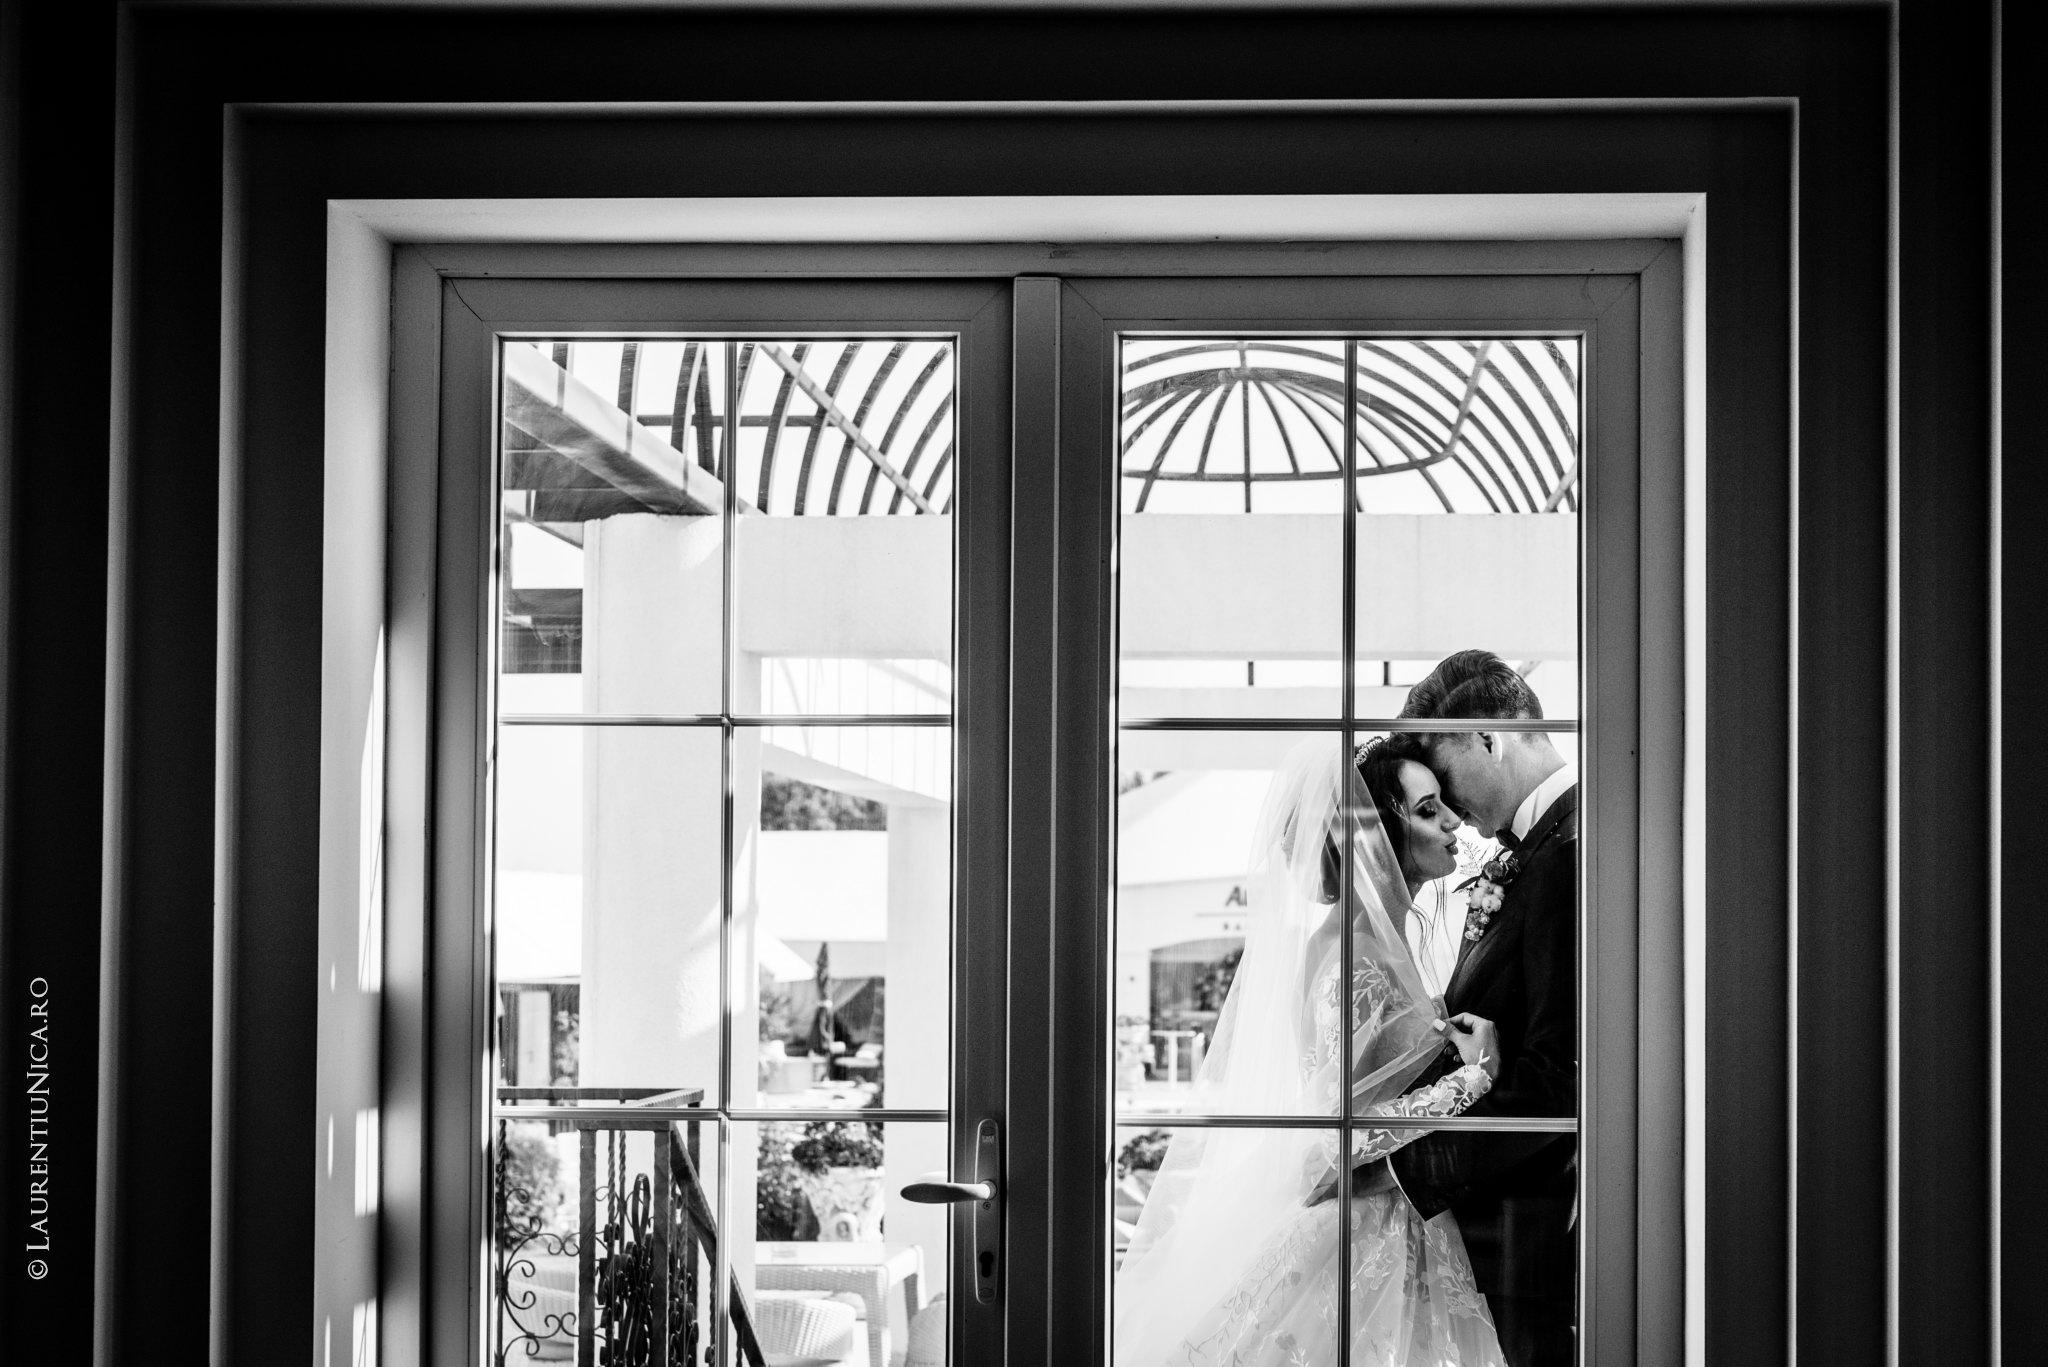 fotografii nunta denisa si florin craiova 32 - Denisa & Florin | Fotografii nunta | Craiova